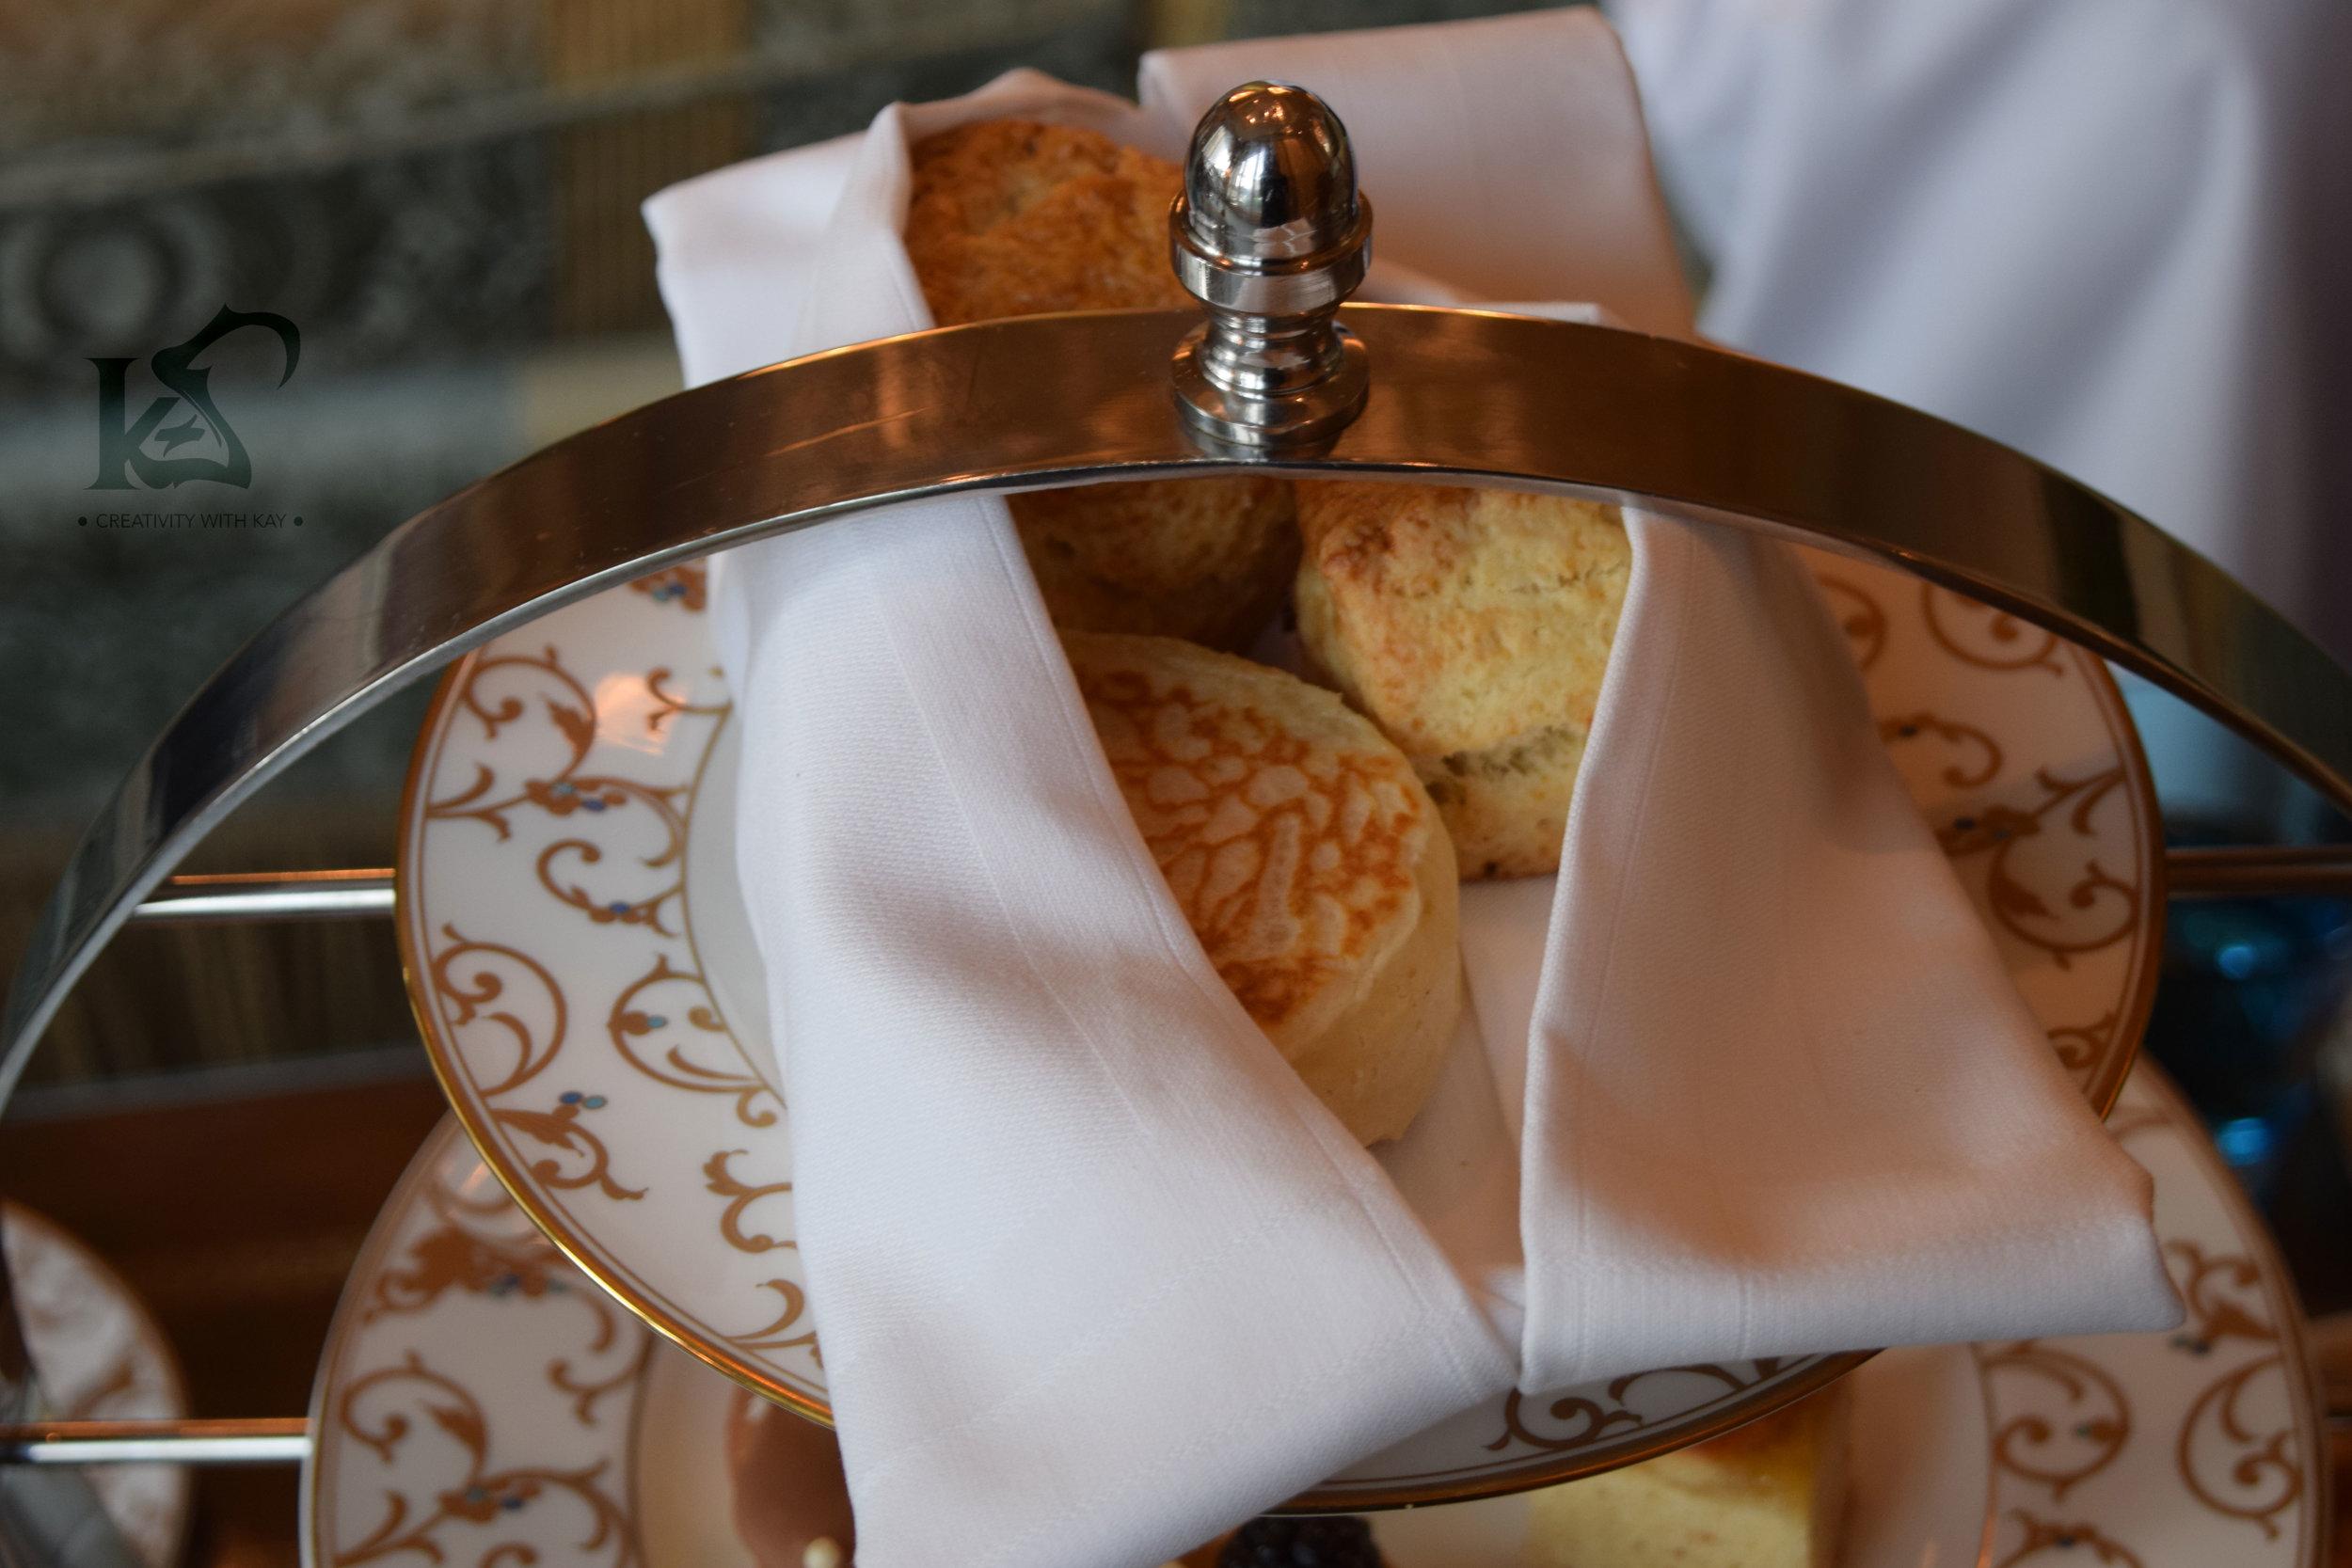 seasons-lounge-afternoon-tea-food